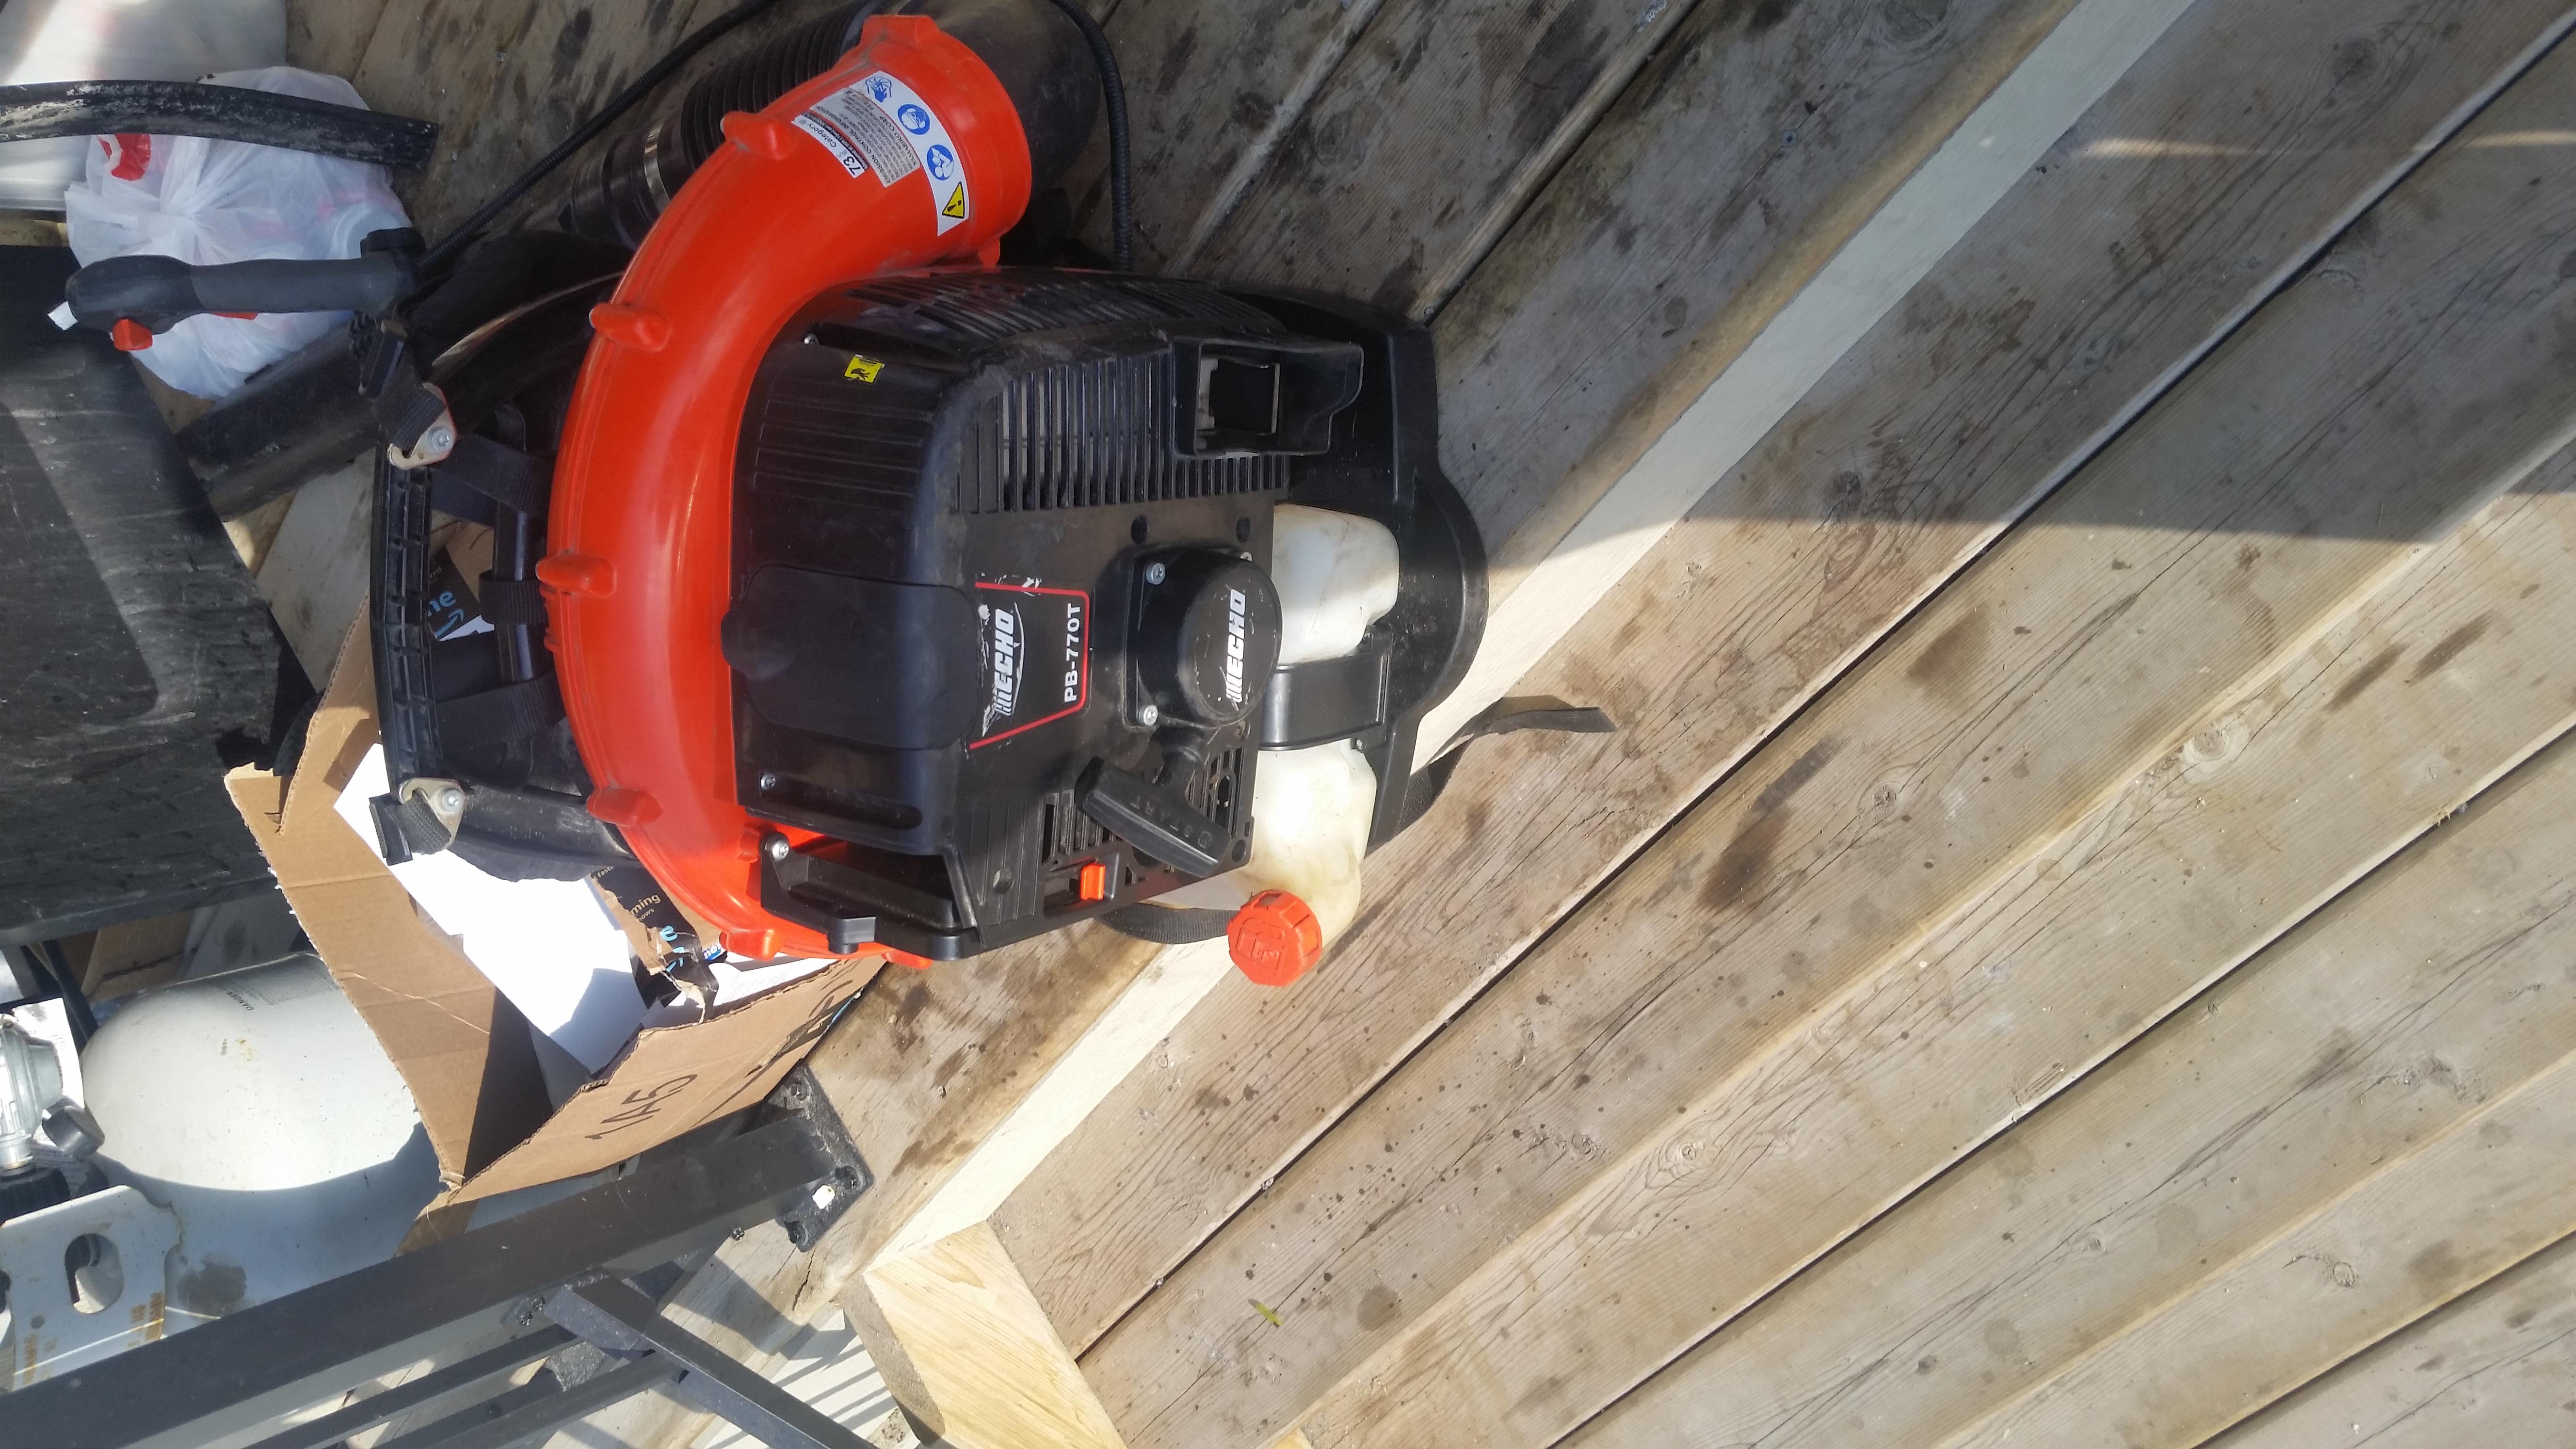 Echo pb770t leaf blower